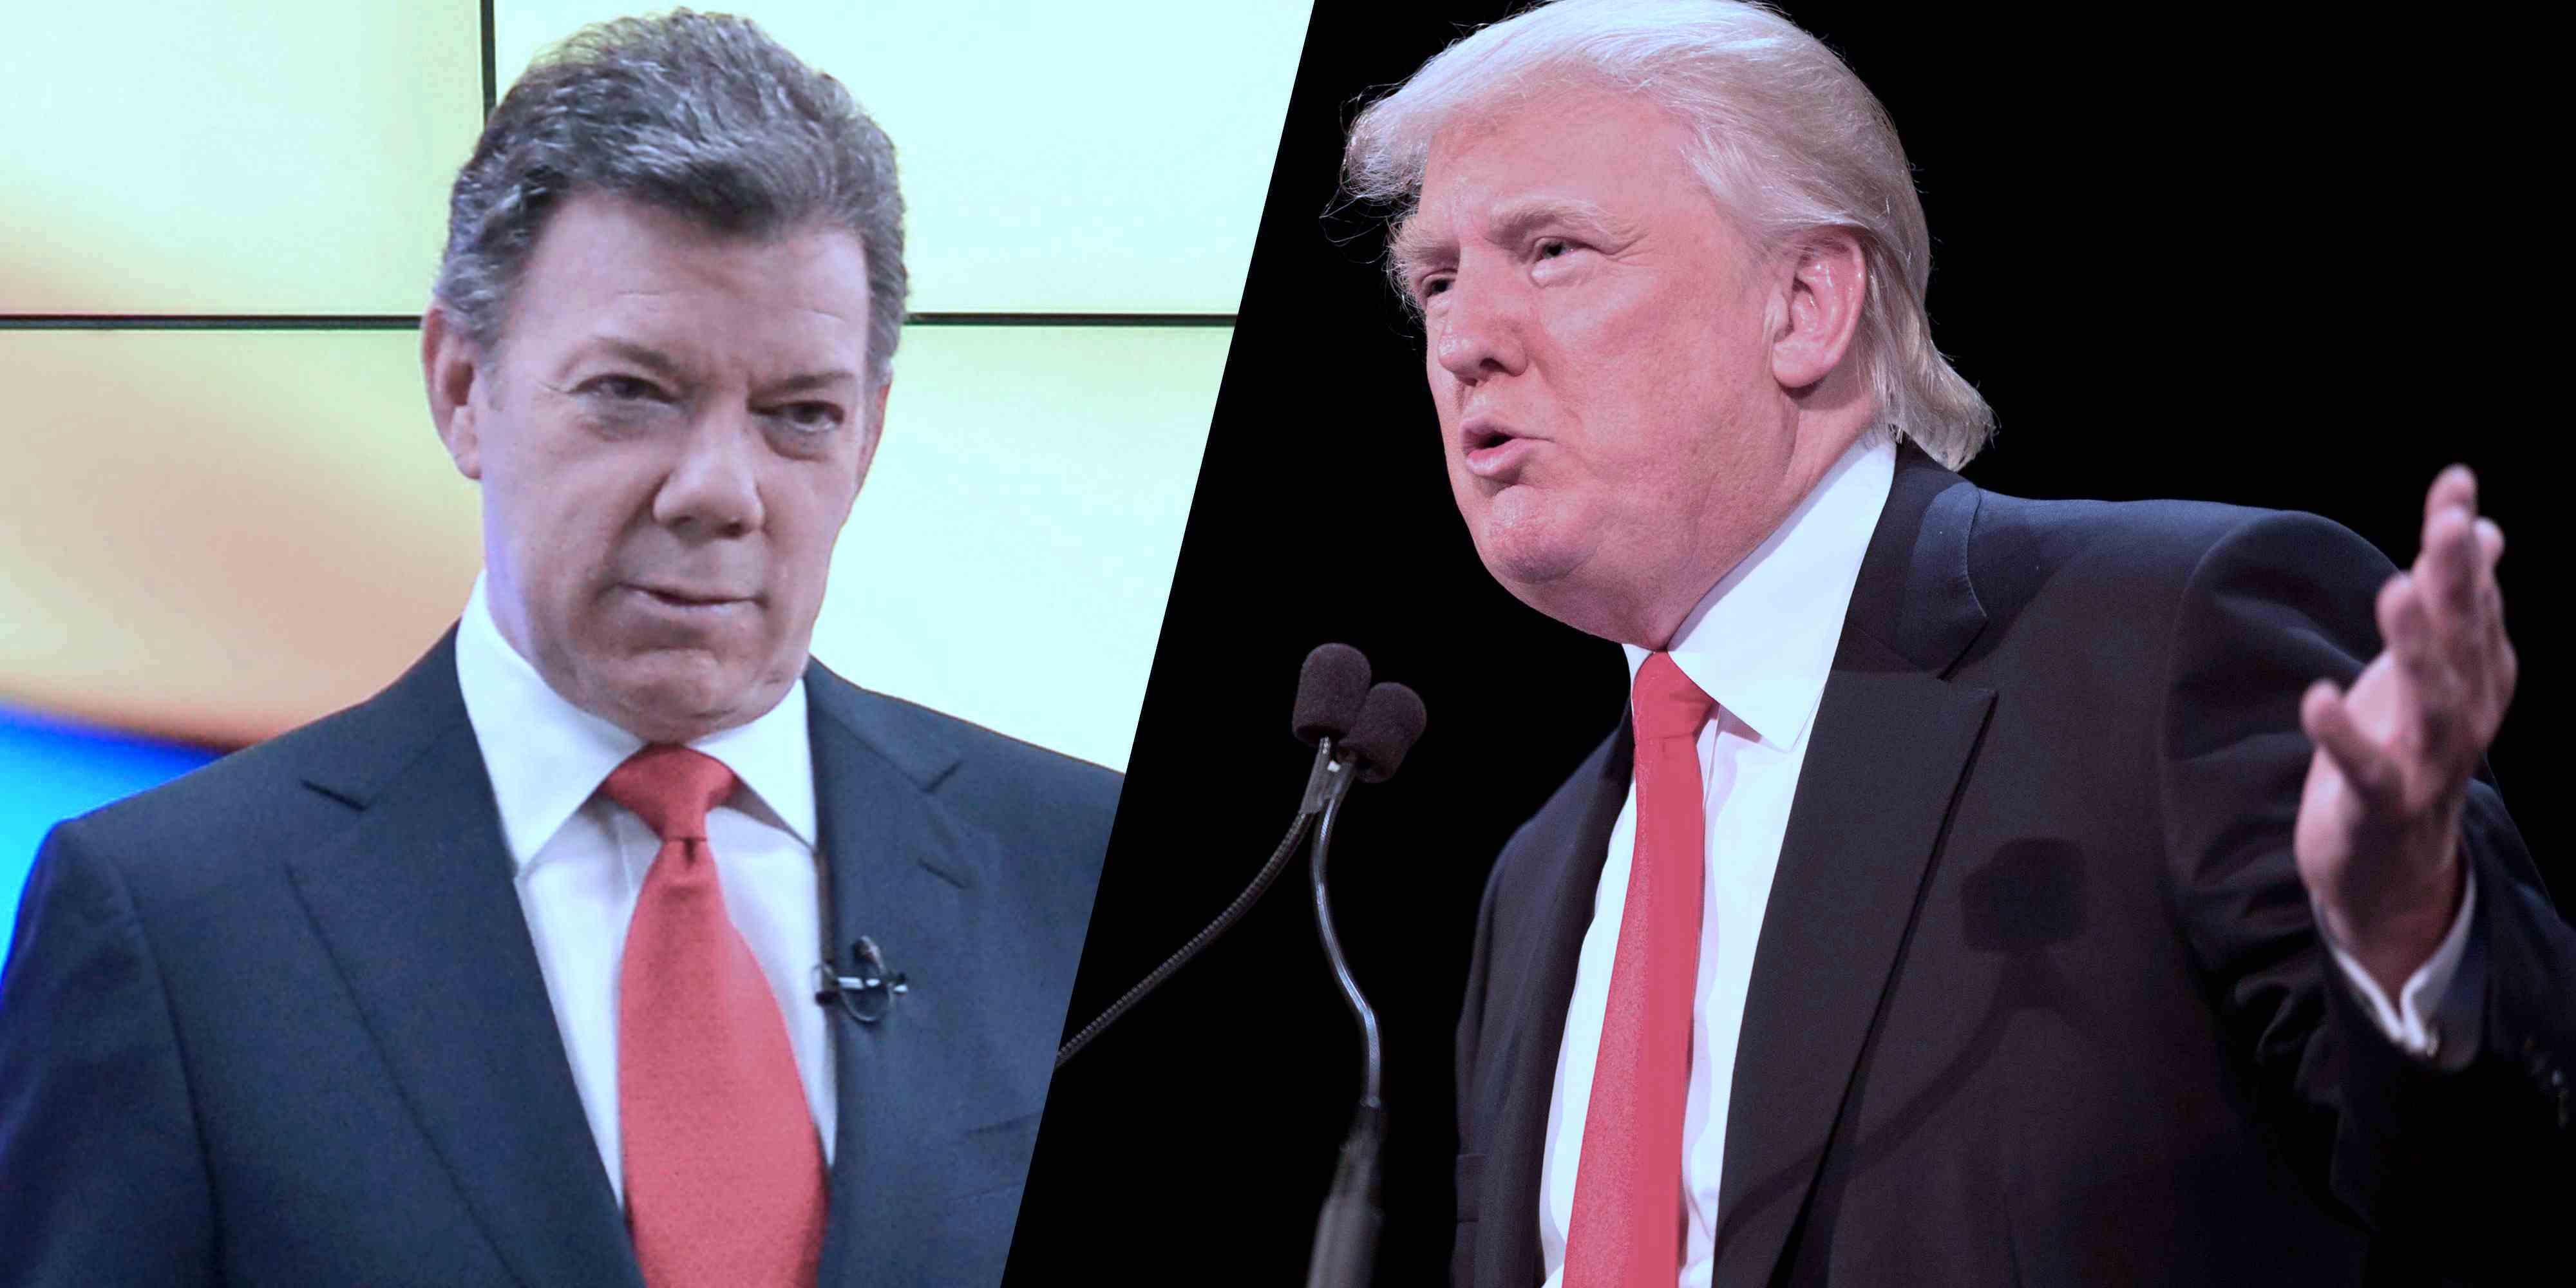 Trump and Santos